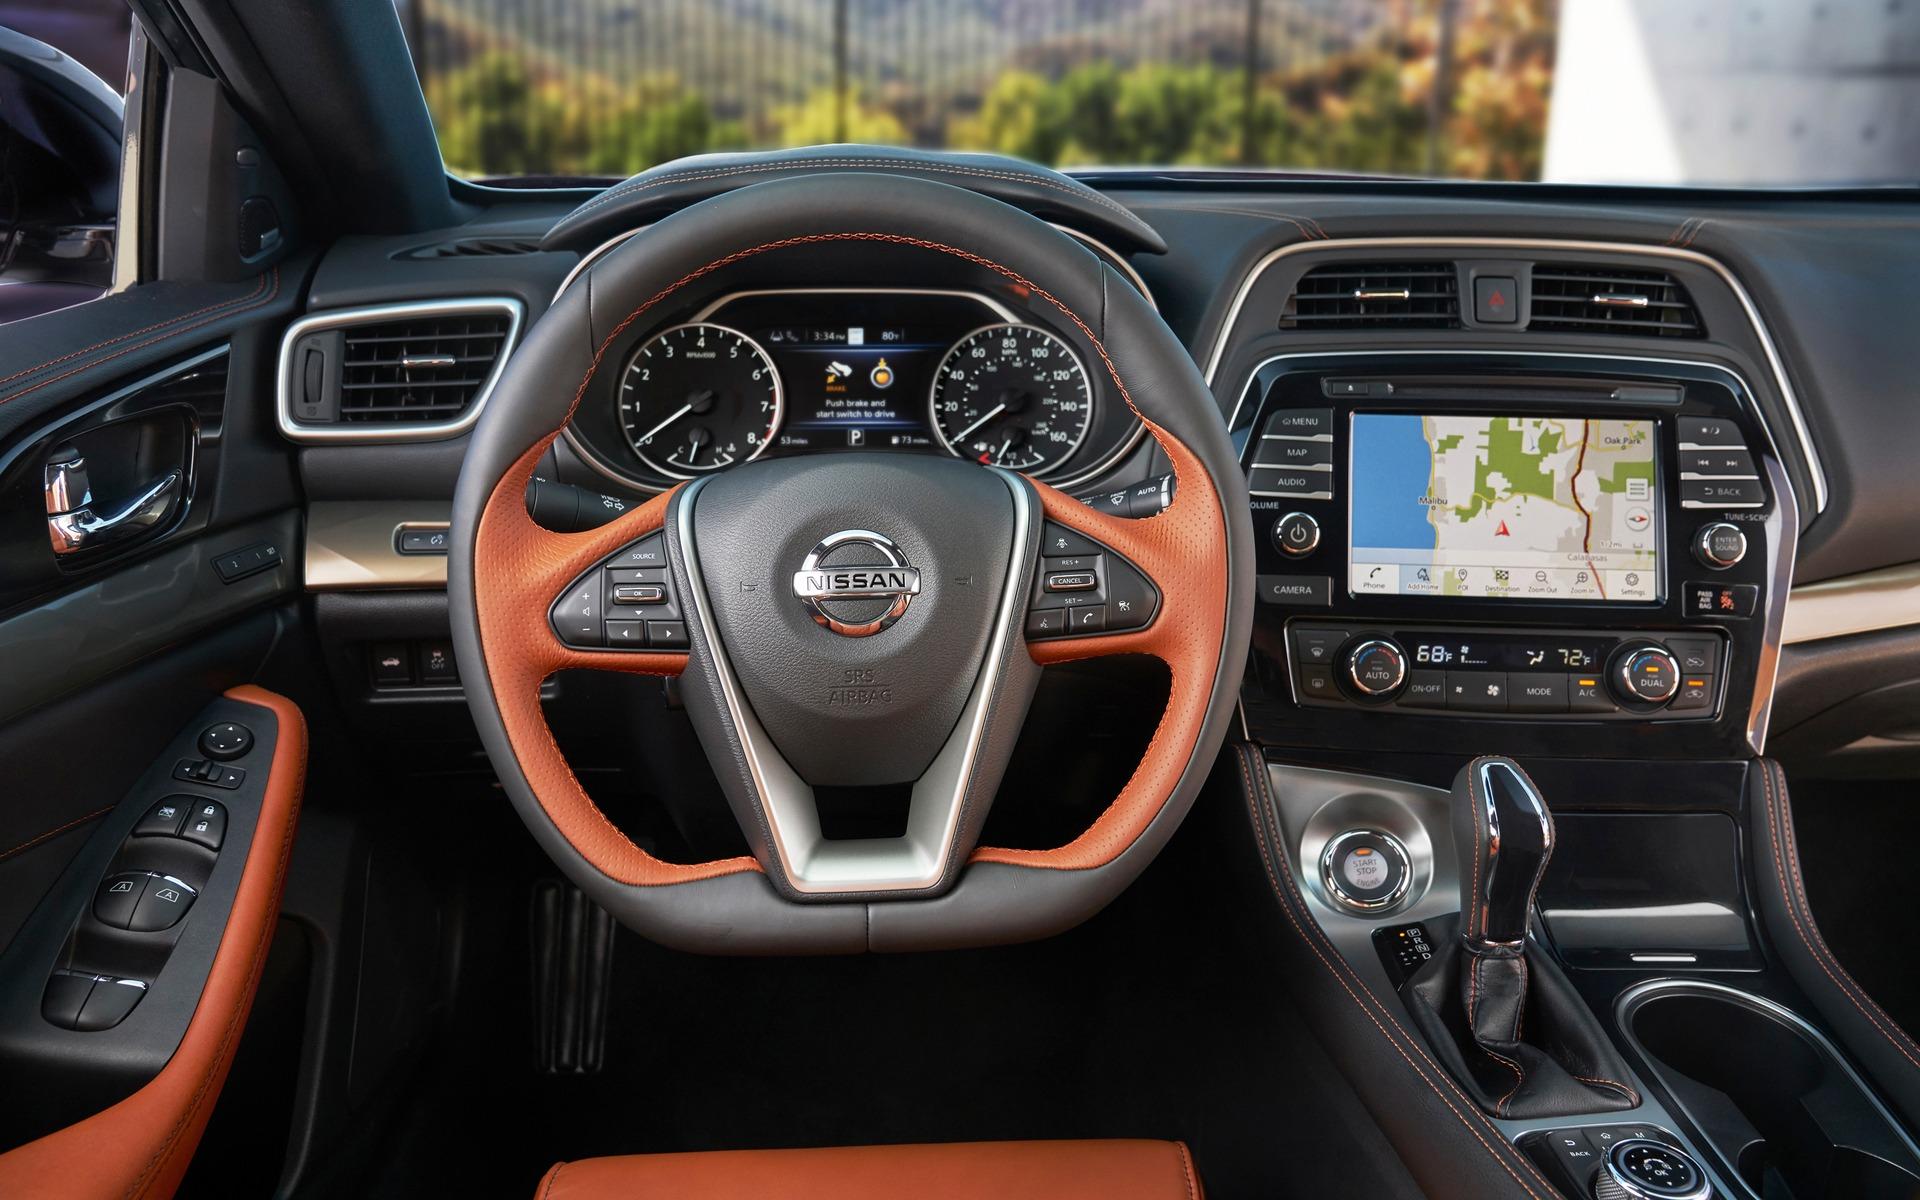 Nissan Maxima 2019 : encore plus stylisée 358025_2019_Nissan_Maxima